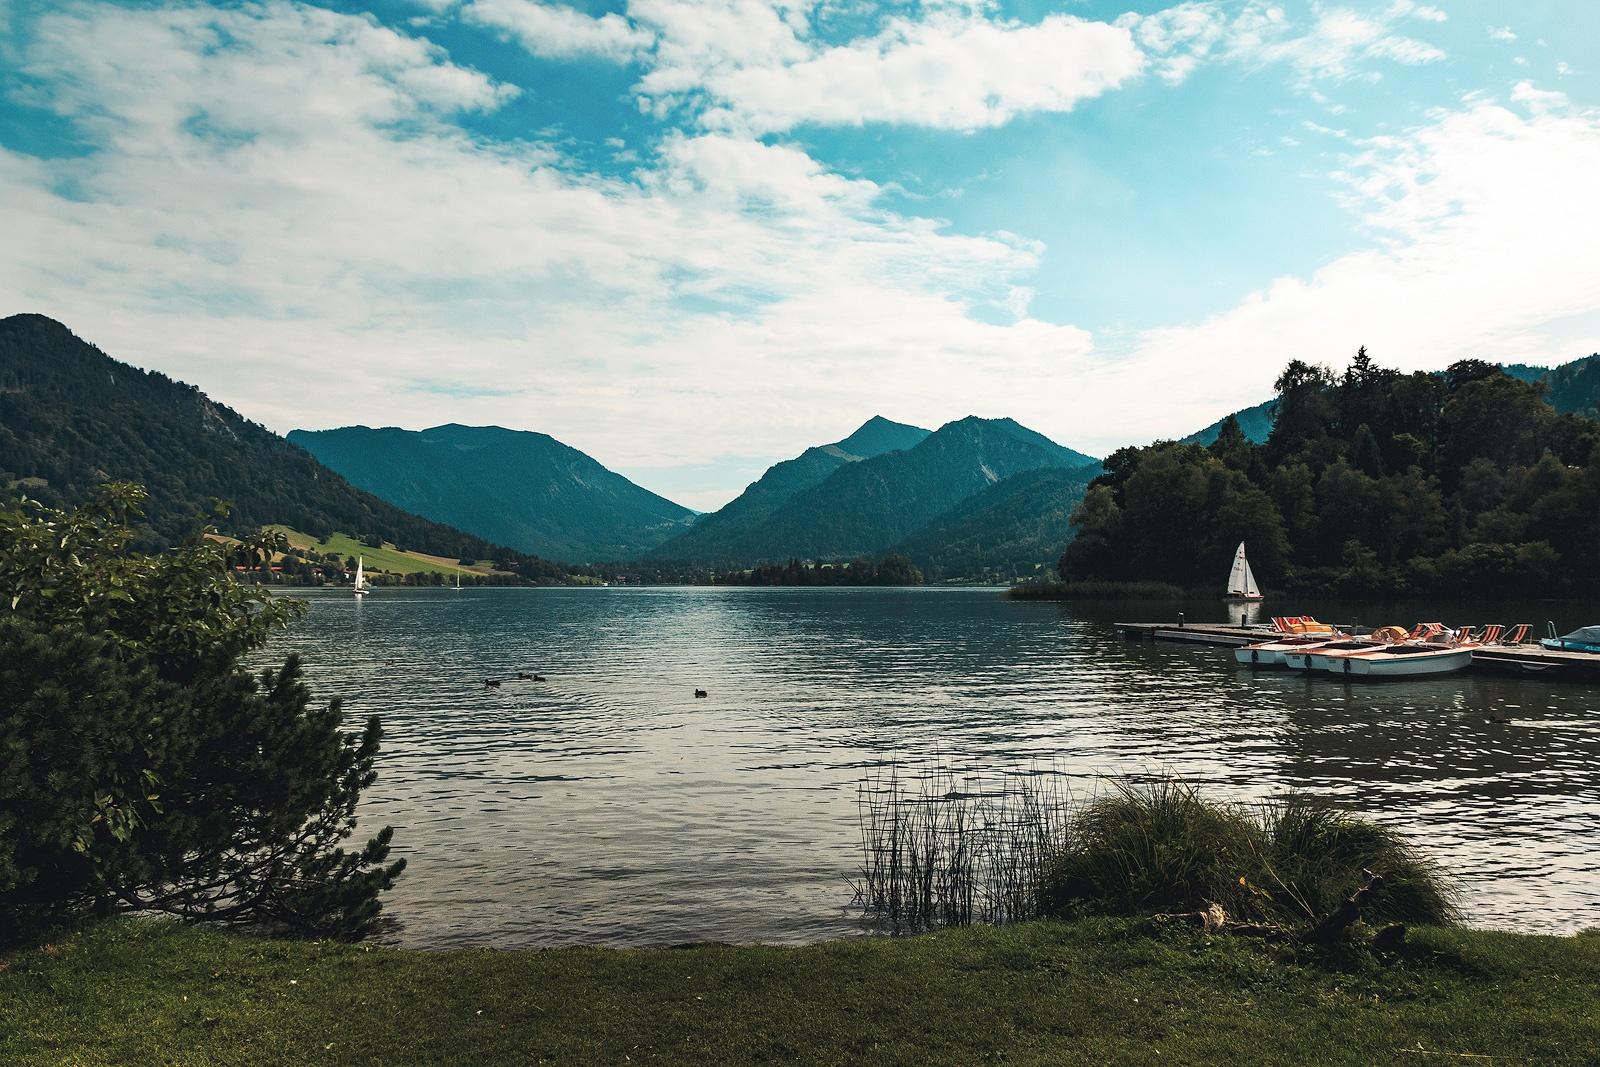 Wieder zurück an der Seepromenade in Schliersee.